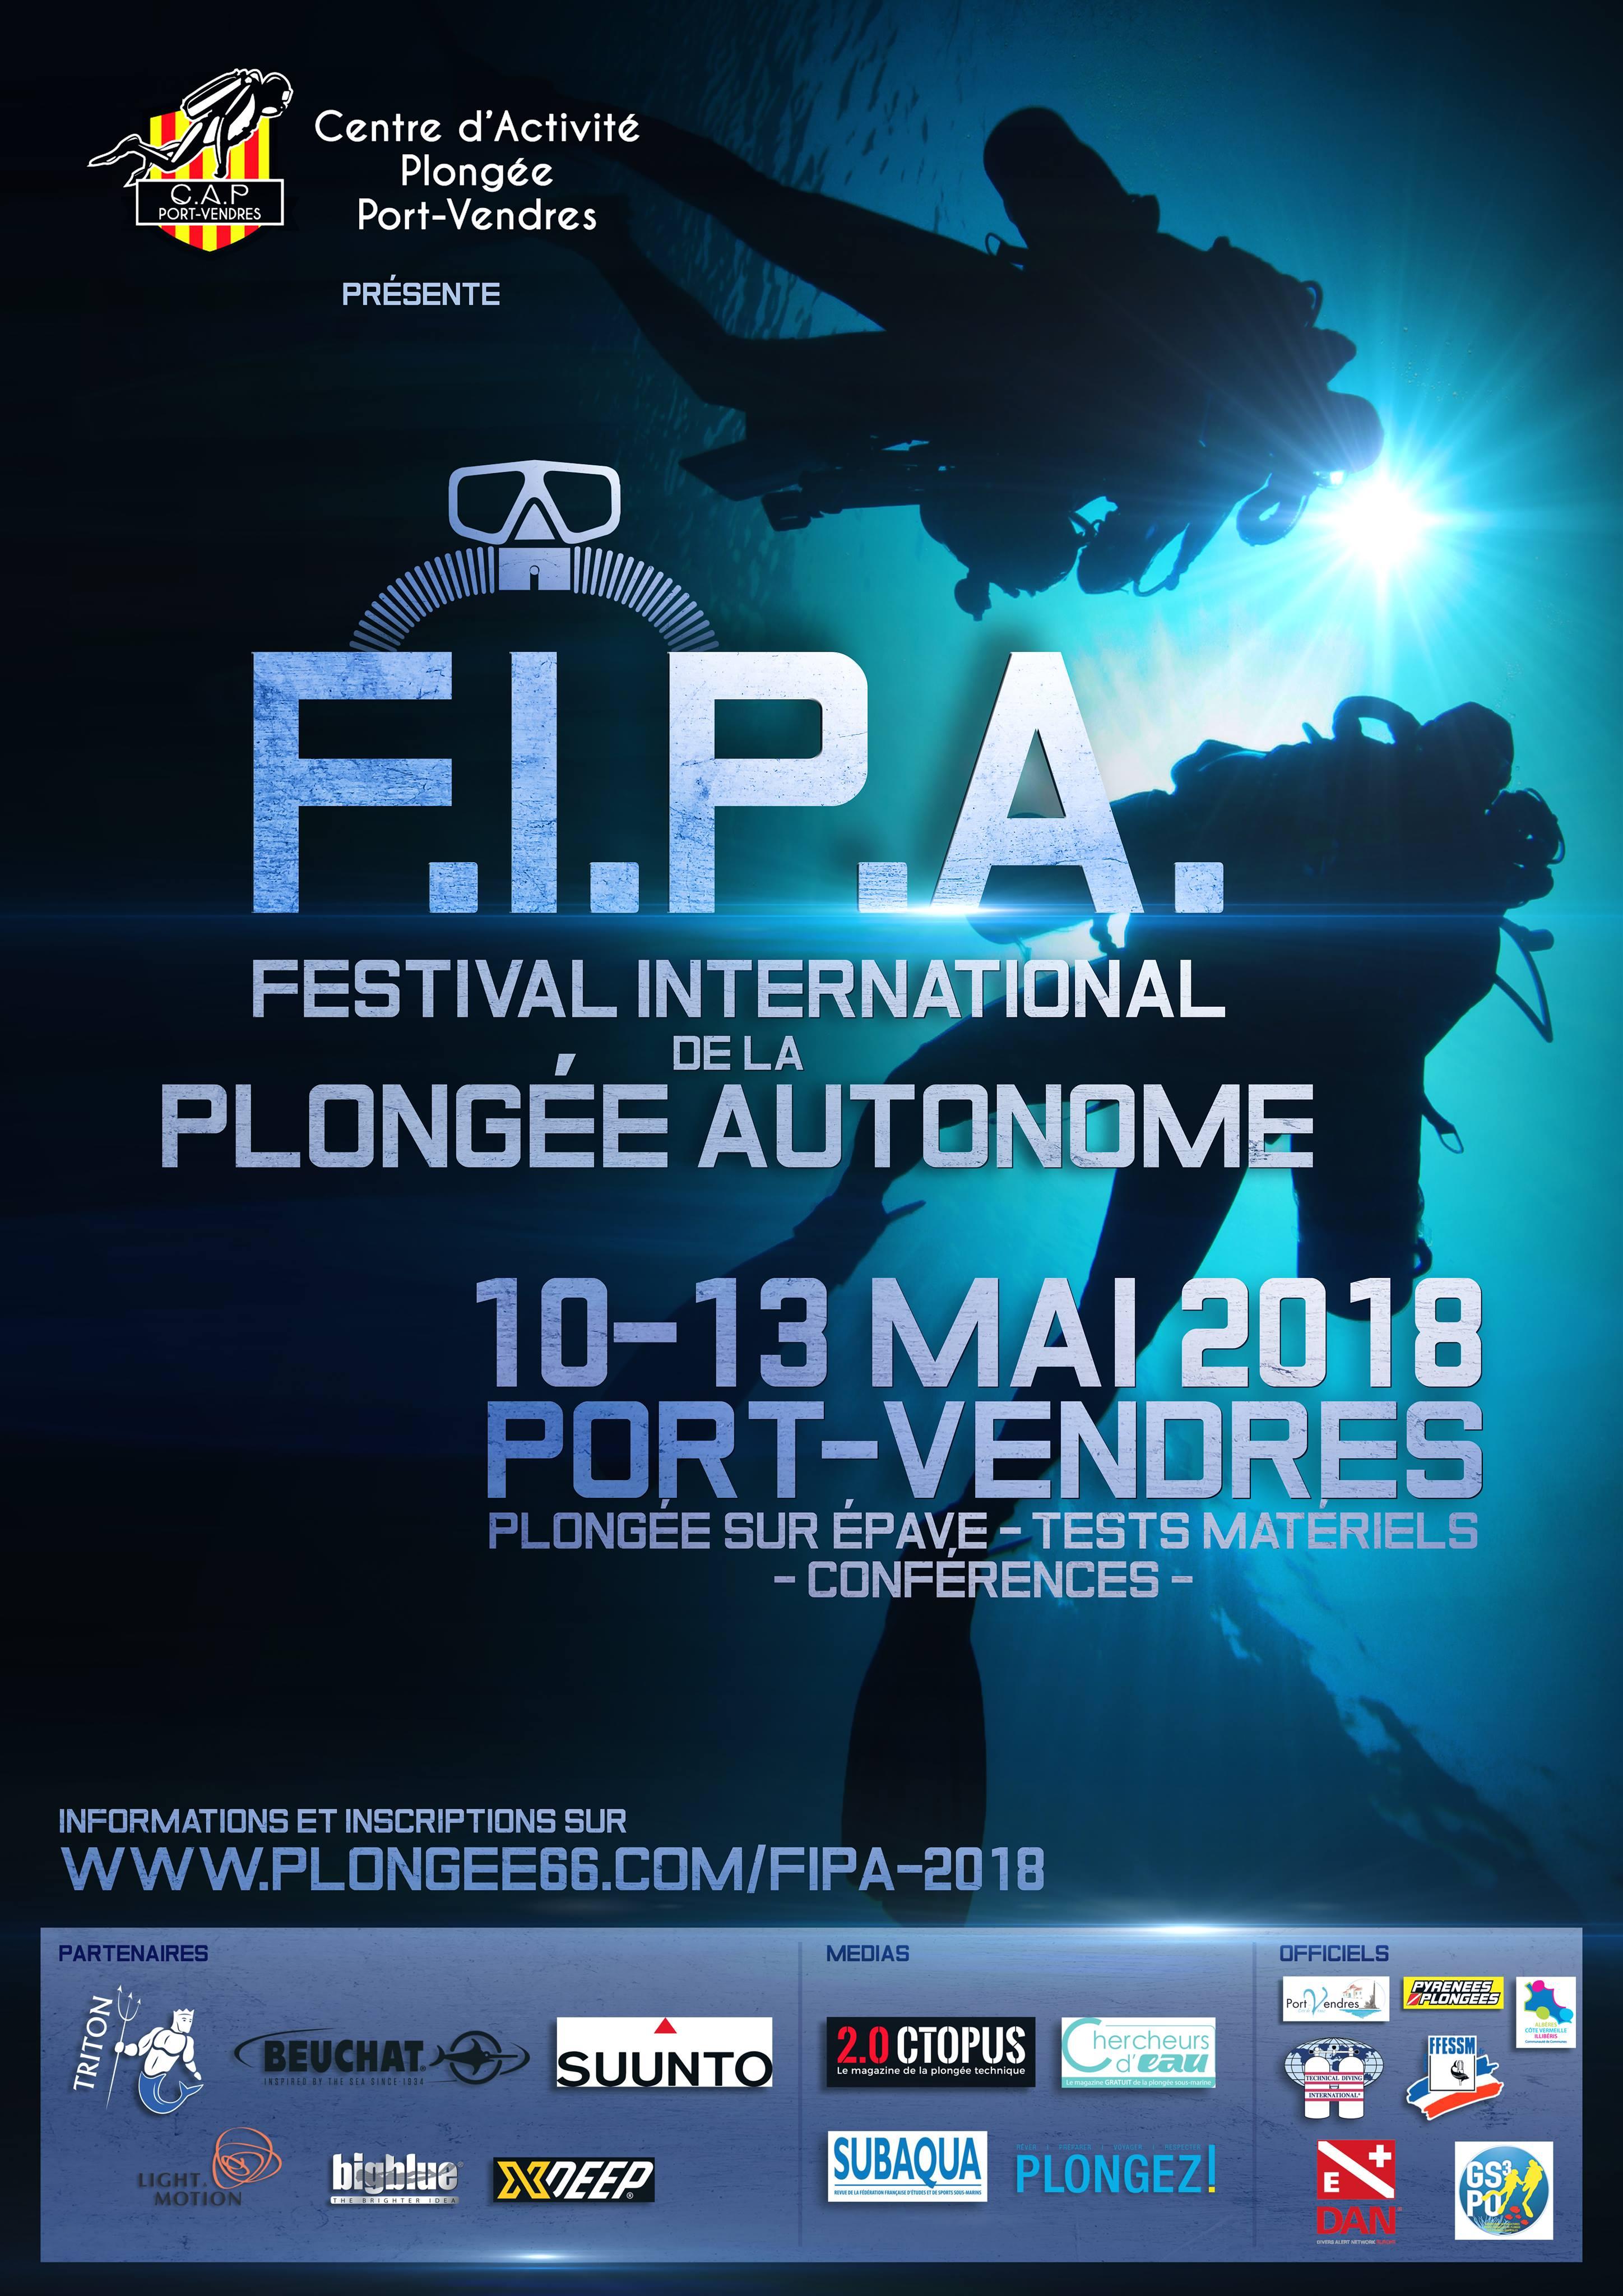 Festival International de la Plongée Autonome 2018